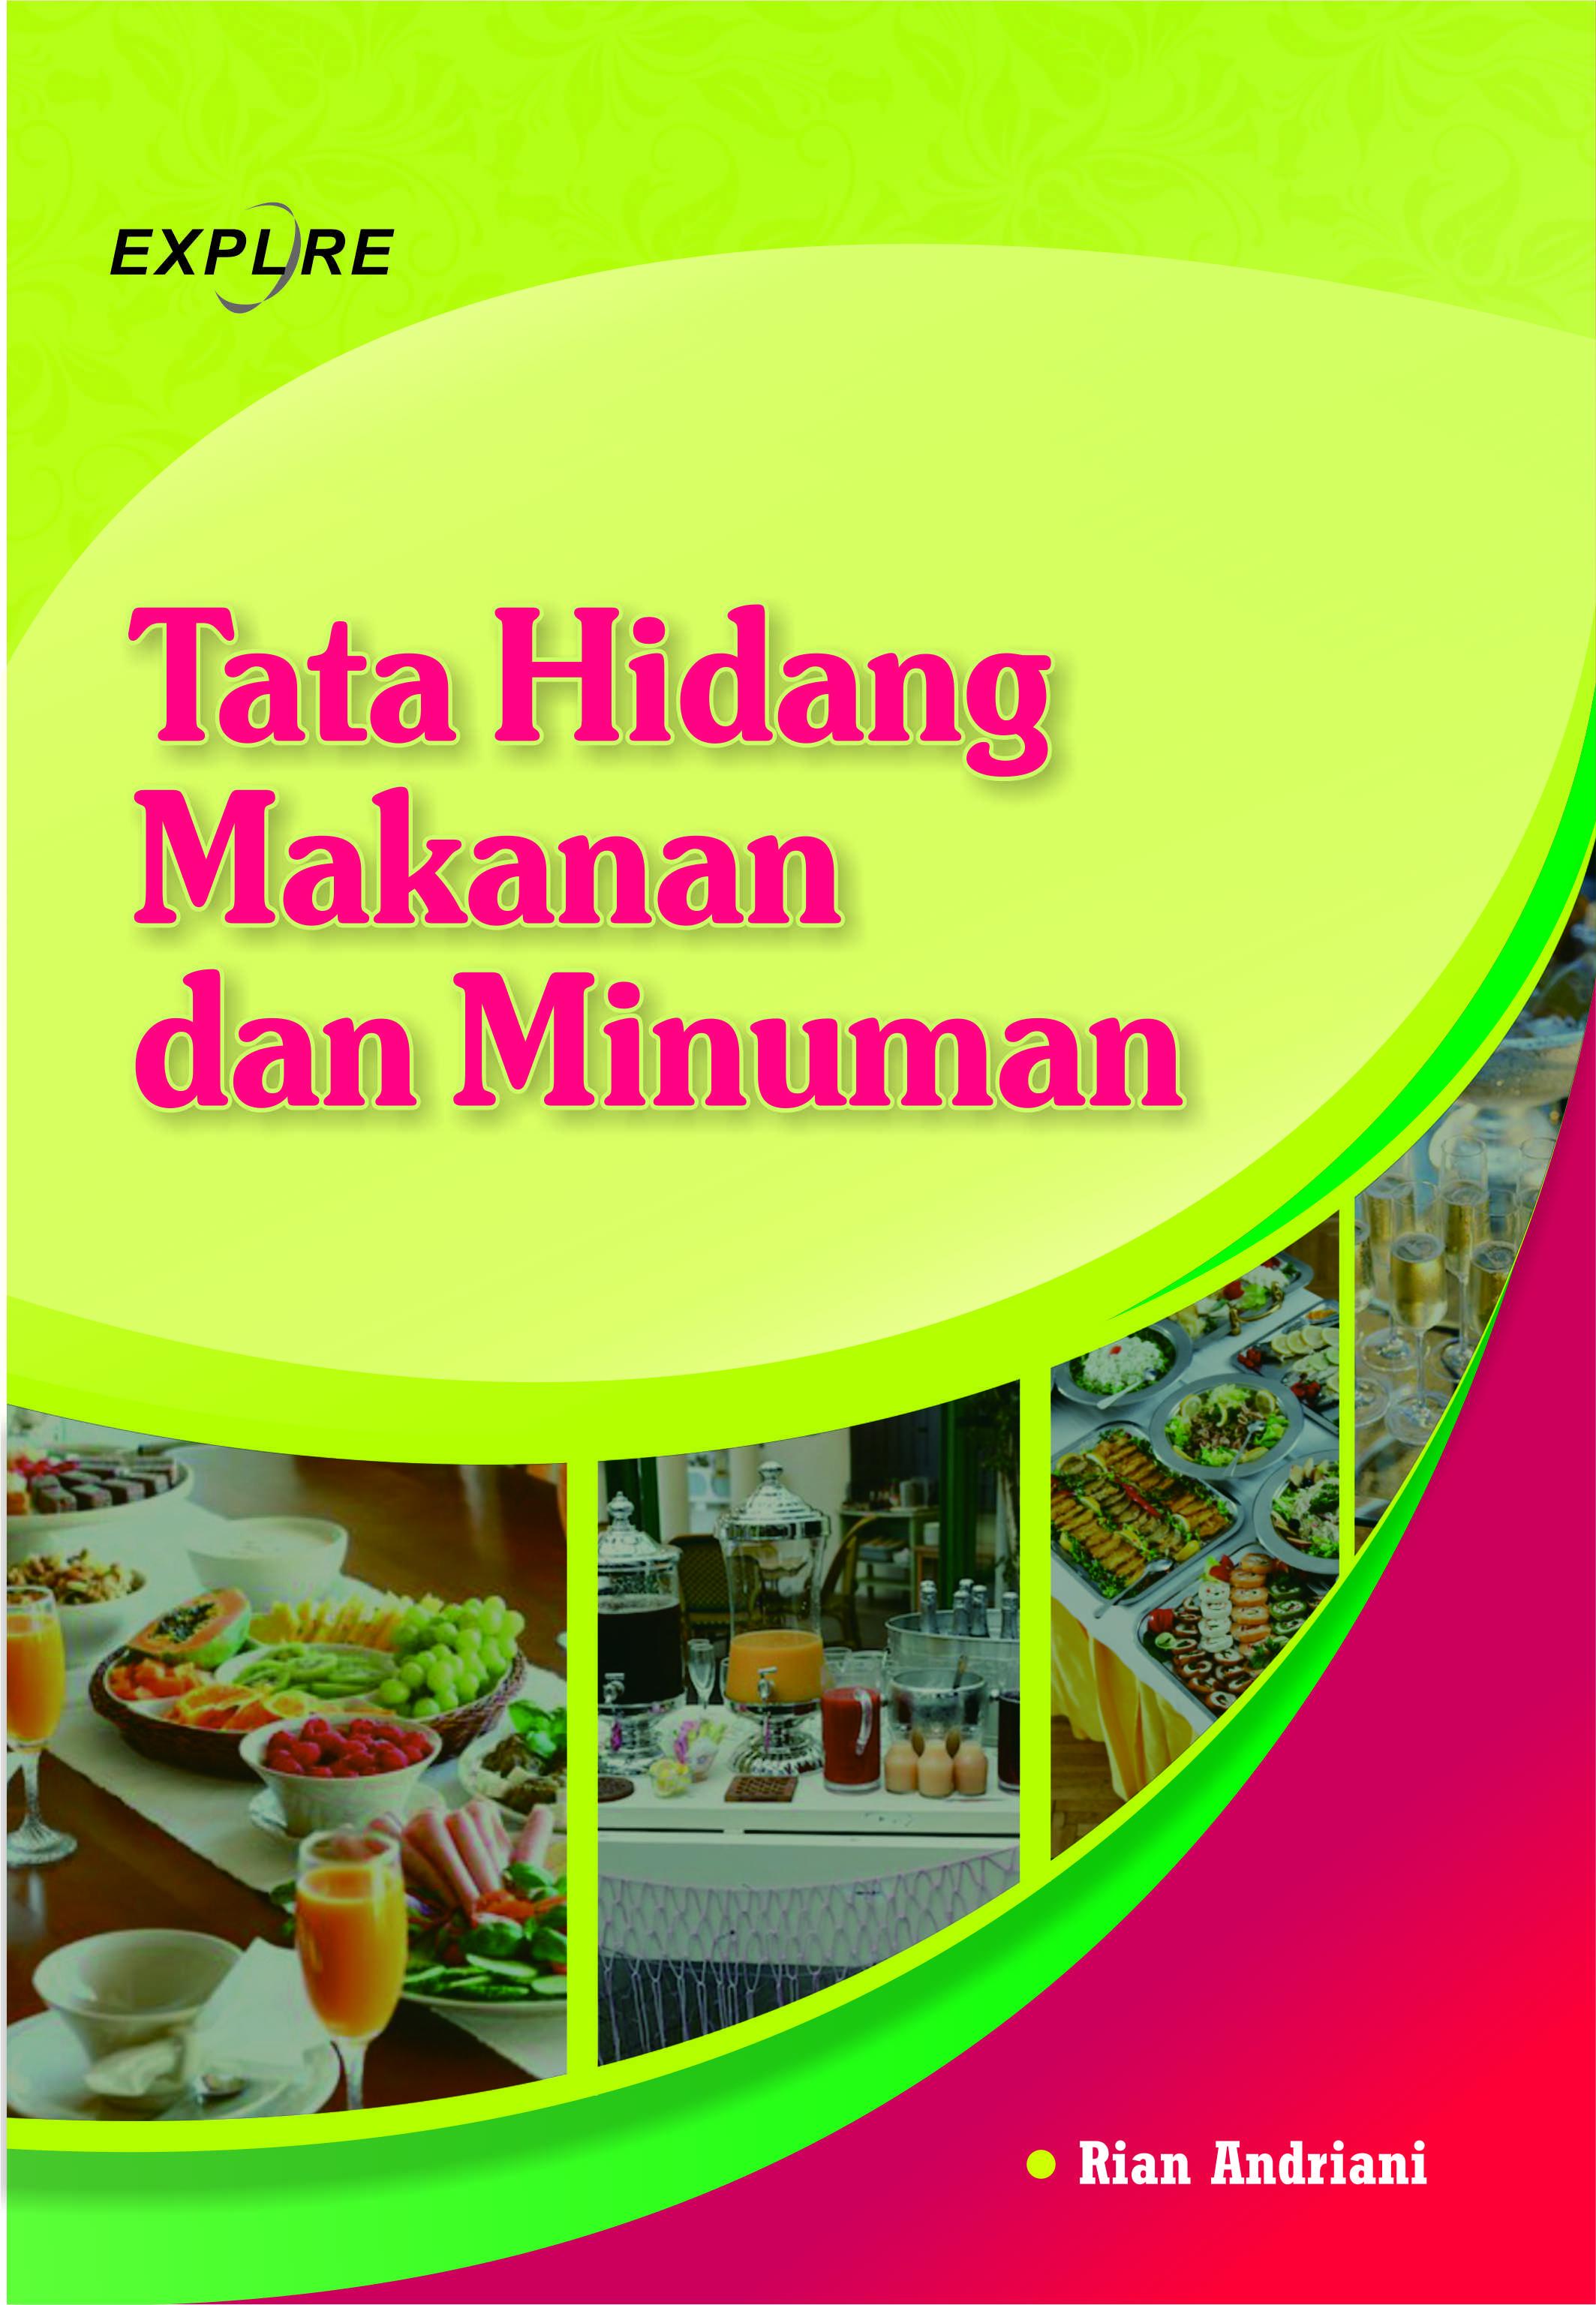 Tata Hidang Makanan dan Minuman